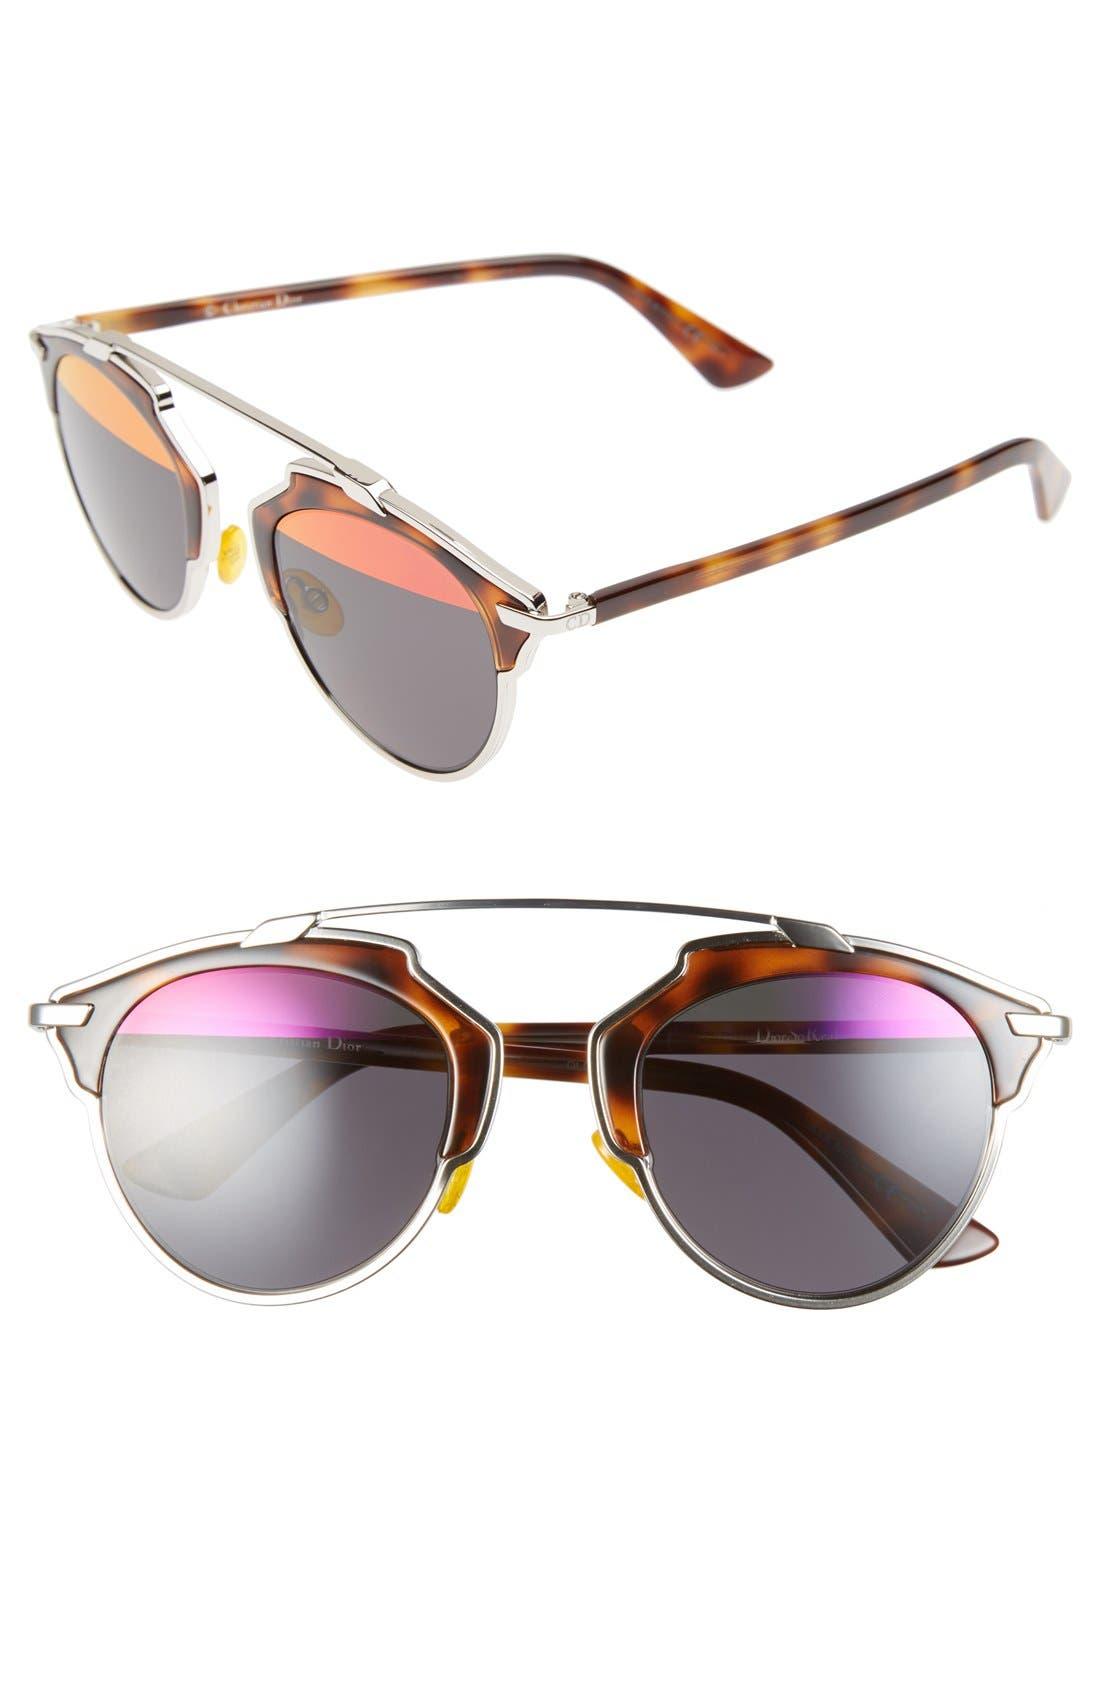 So Real 48mm Brow Bar Sunglasses,                             Main thumbnail 11, color,